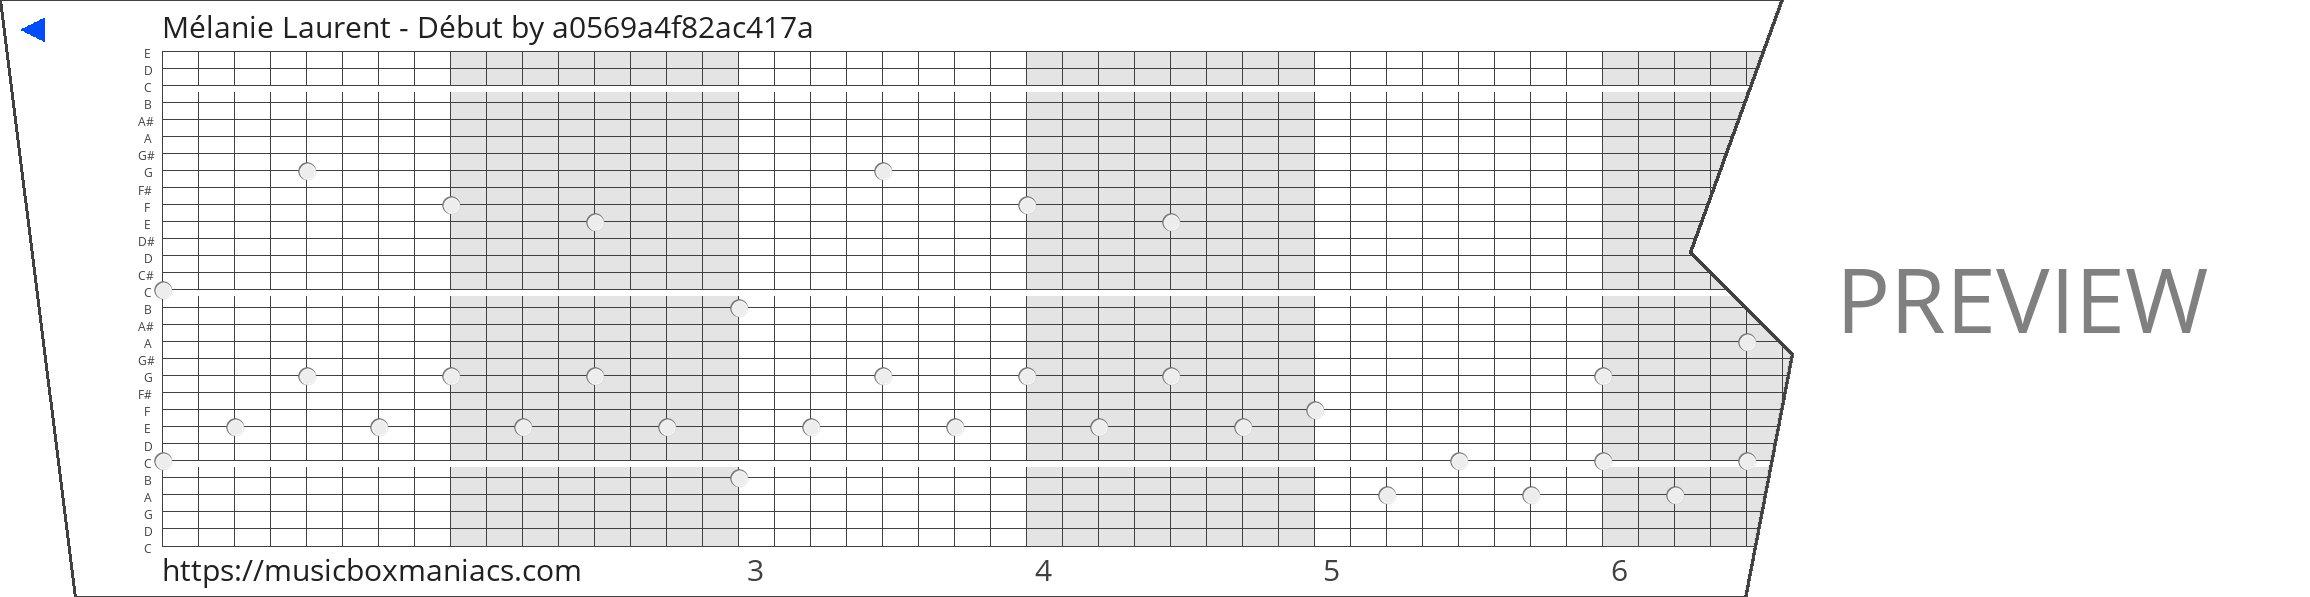 Mélanie Laurent - Début 30 note music box paper strip